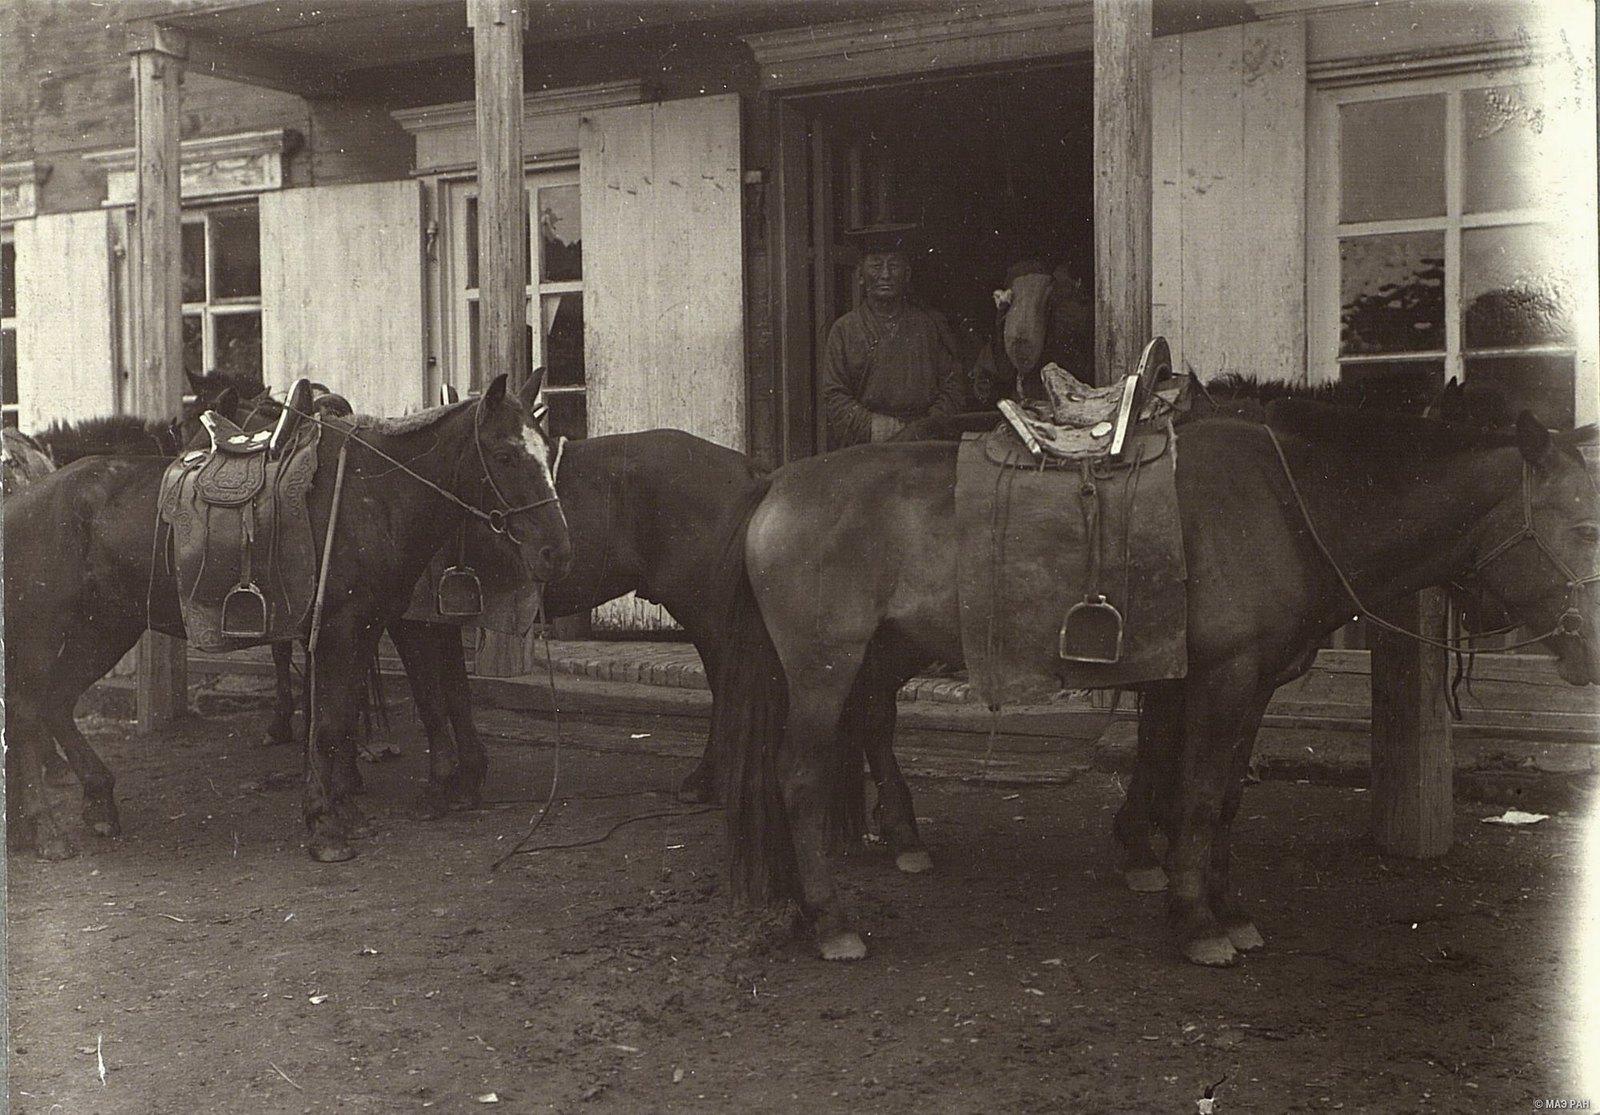 Урга. Лошади на базаре